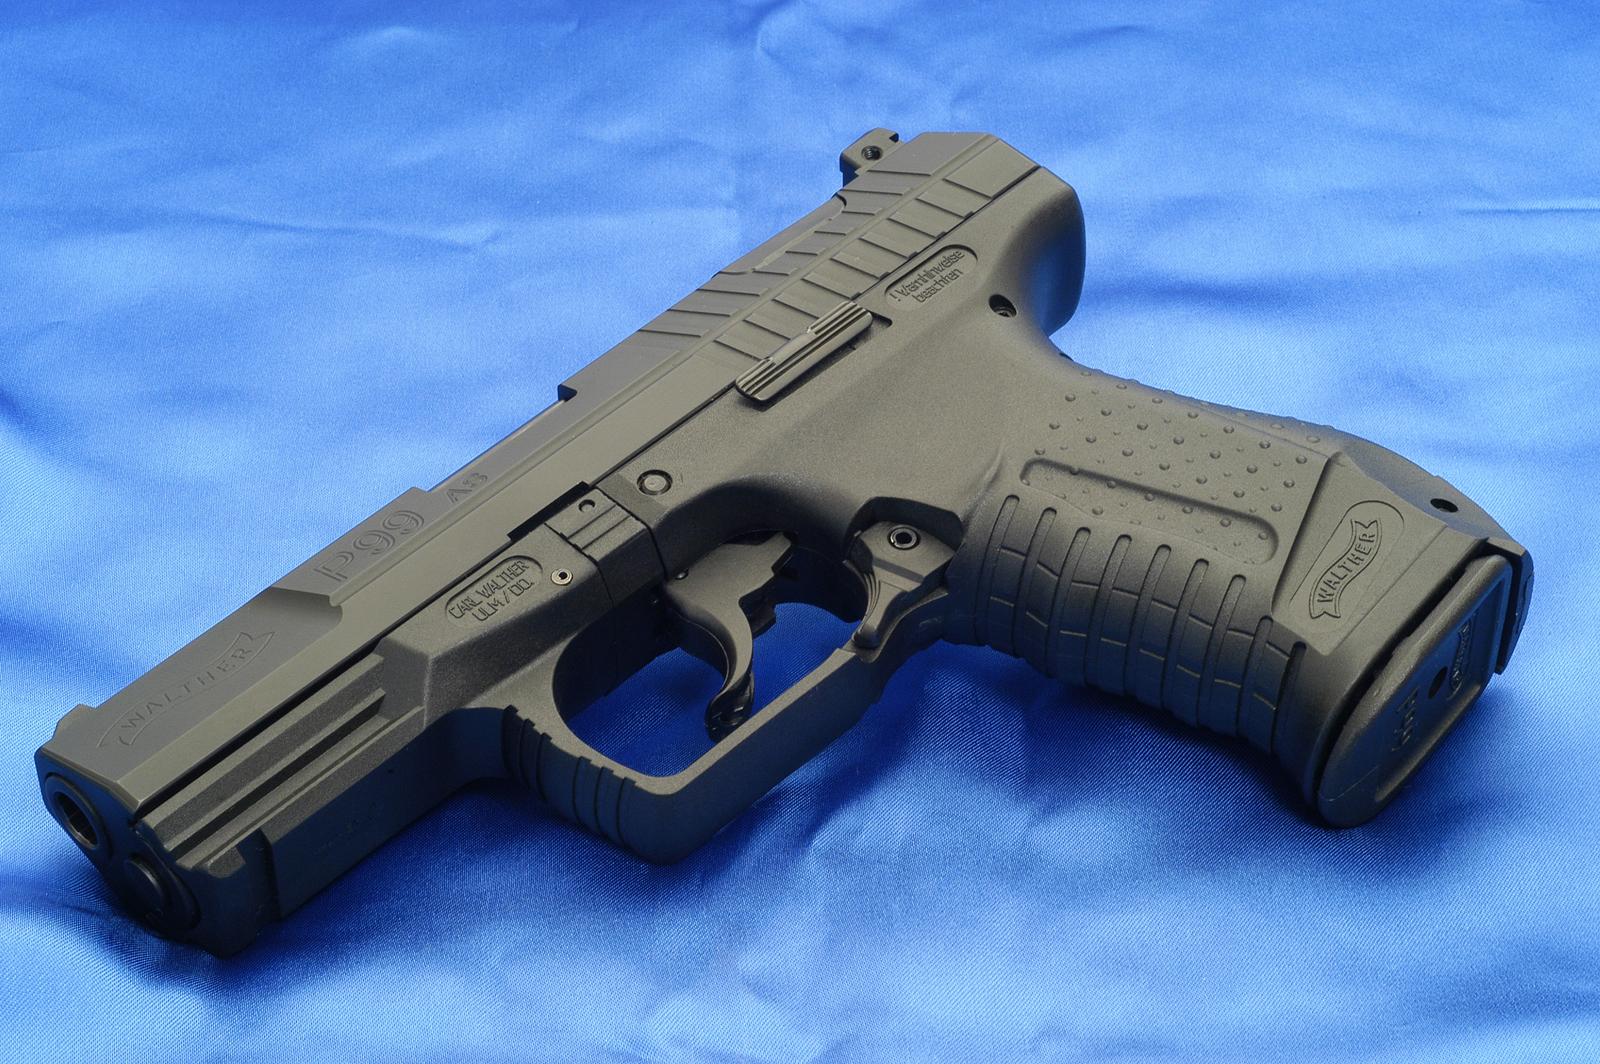 http://3.bp.blogspot.com/-owvhURzc1UE/Tn1gW8r6GZI/AAAAAAAABT8/_FjCwTmLab8/s1600/Walther_P99_Army_Gun_Desktop_Wallpapers_Vvallpaper.net.jpg